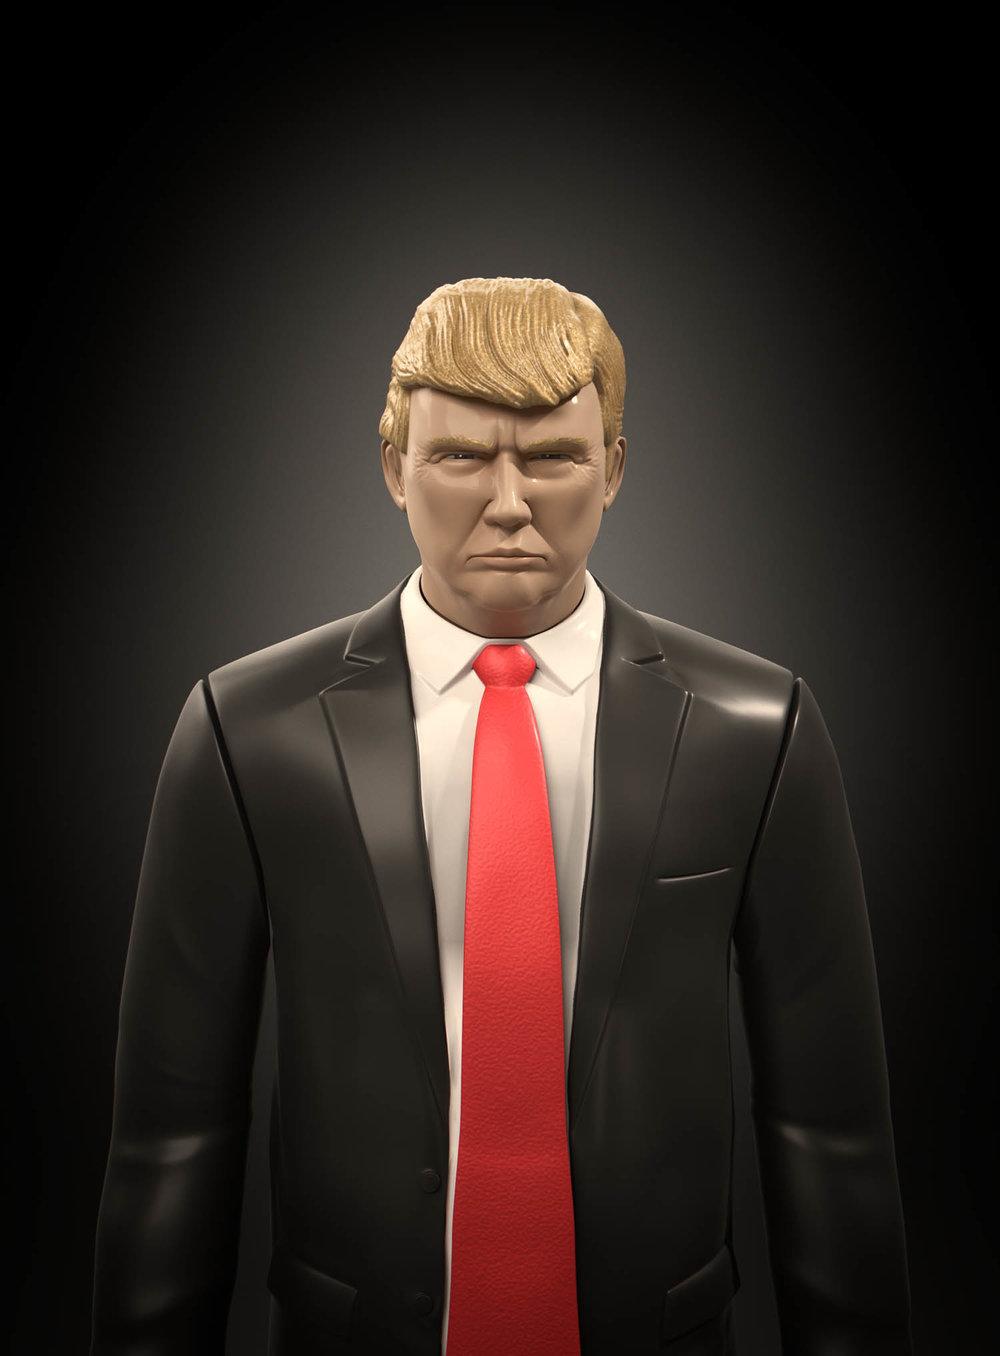 TrumpNoAcc0006.jpg